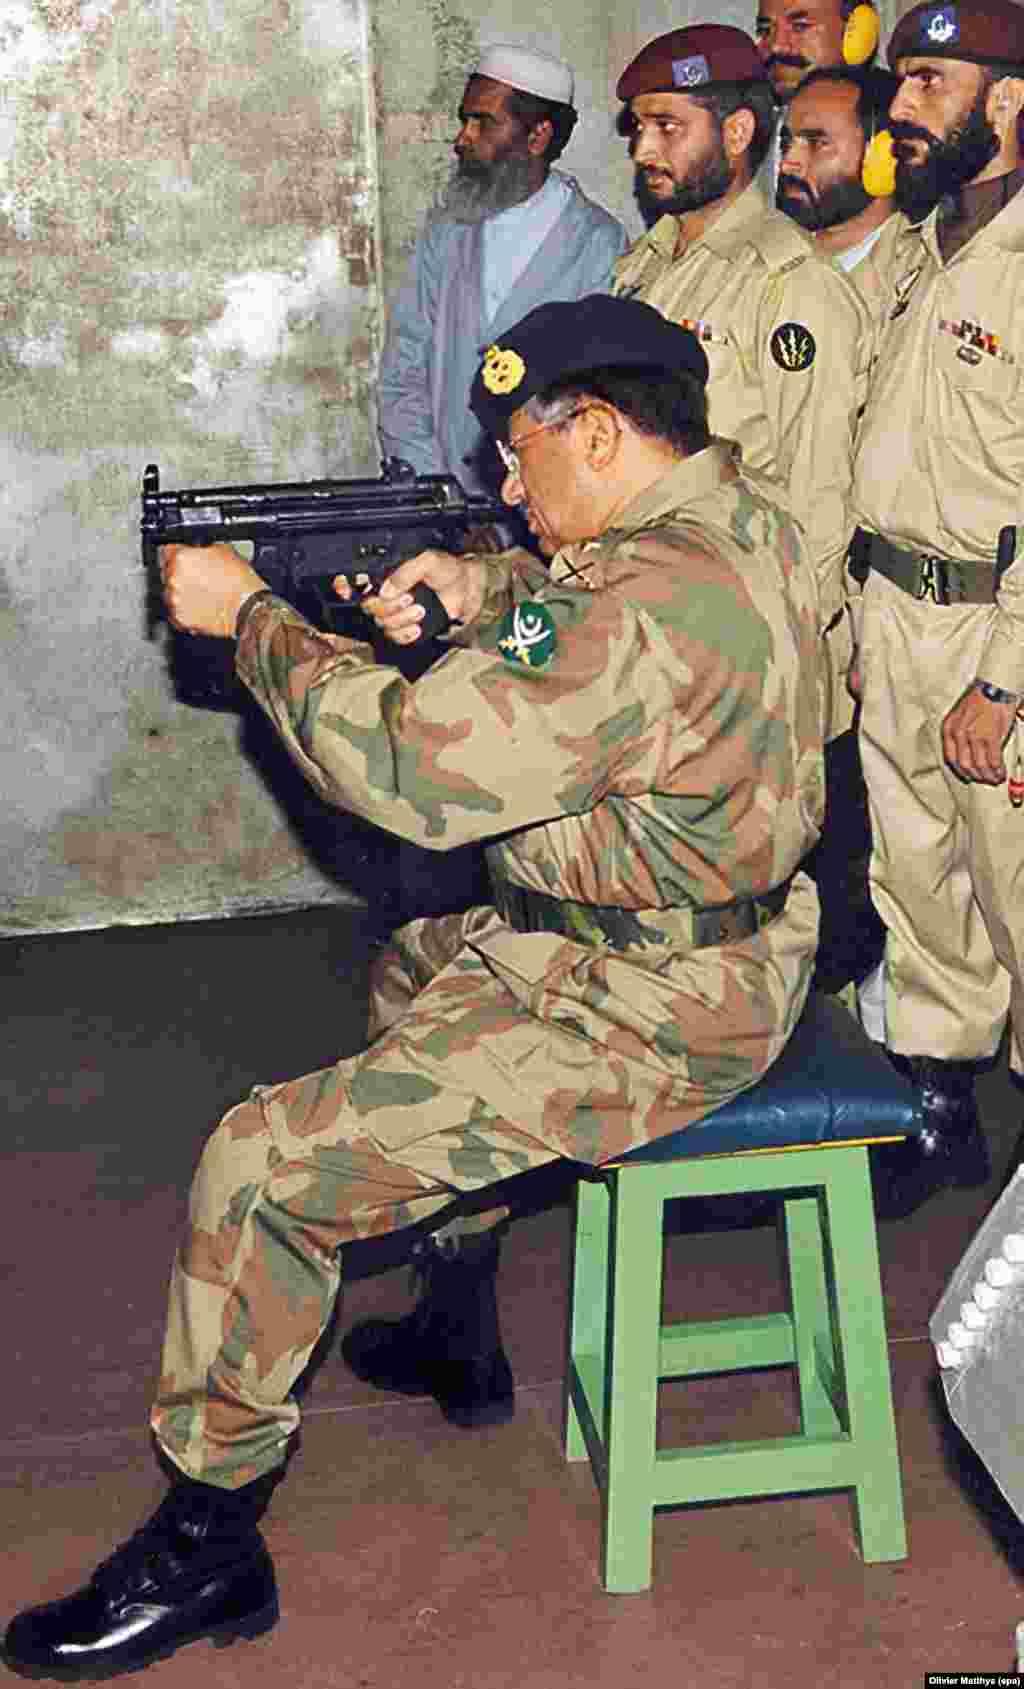 Генерал Первез Мушарраф, военный правитель Пакистана,стреляет из оружия. Июль 2004 года.